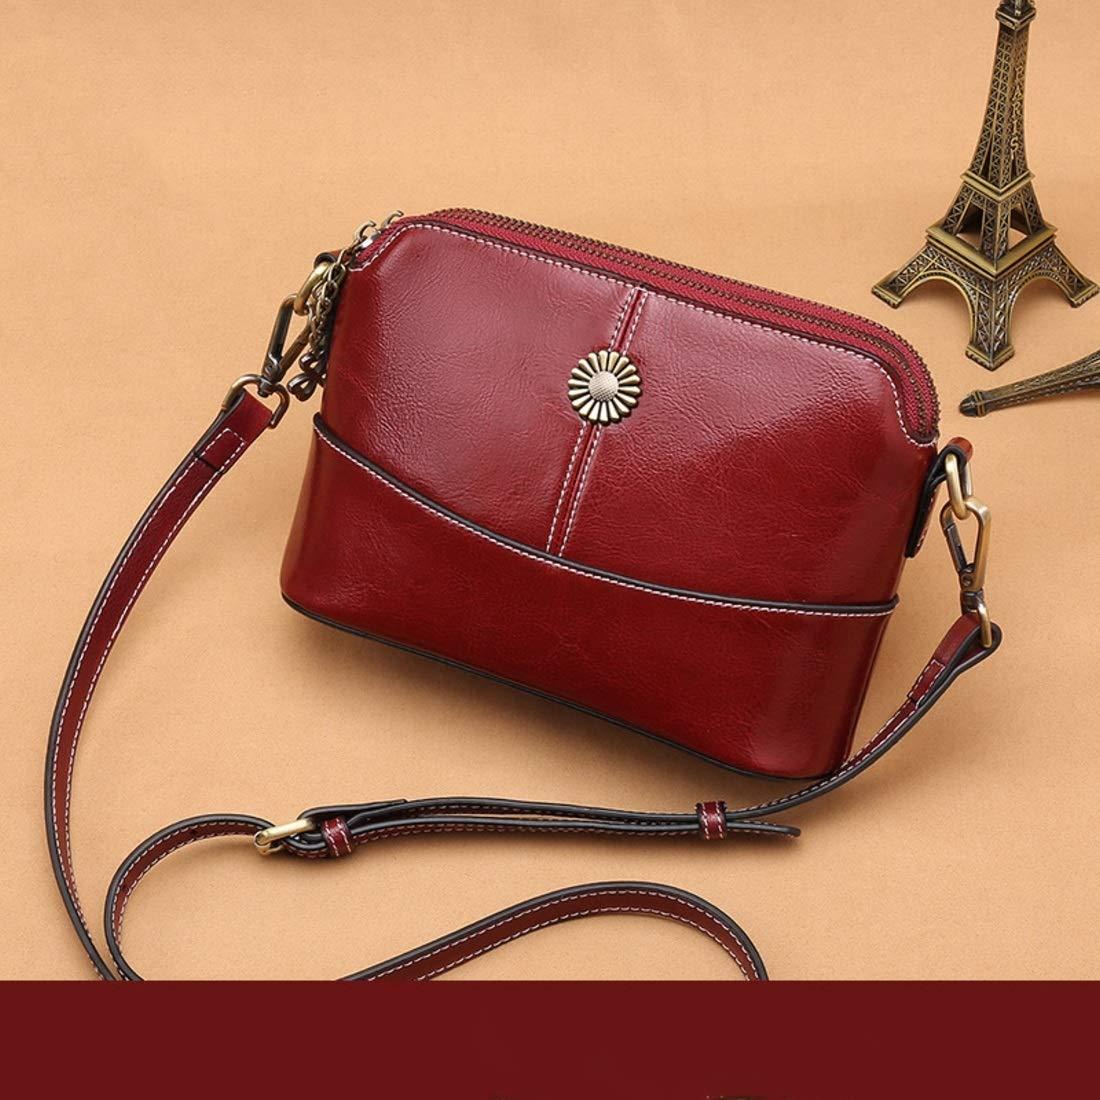 ArotOVL Echtes Leder Frauen Clutch Crossbody Tasche Handtasche Tote Schulter Umhängetasche für Frauen (Farbe   rot) B07PZ328CS Schultertaschen Tadellos